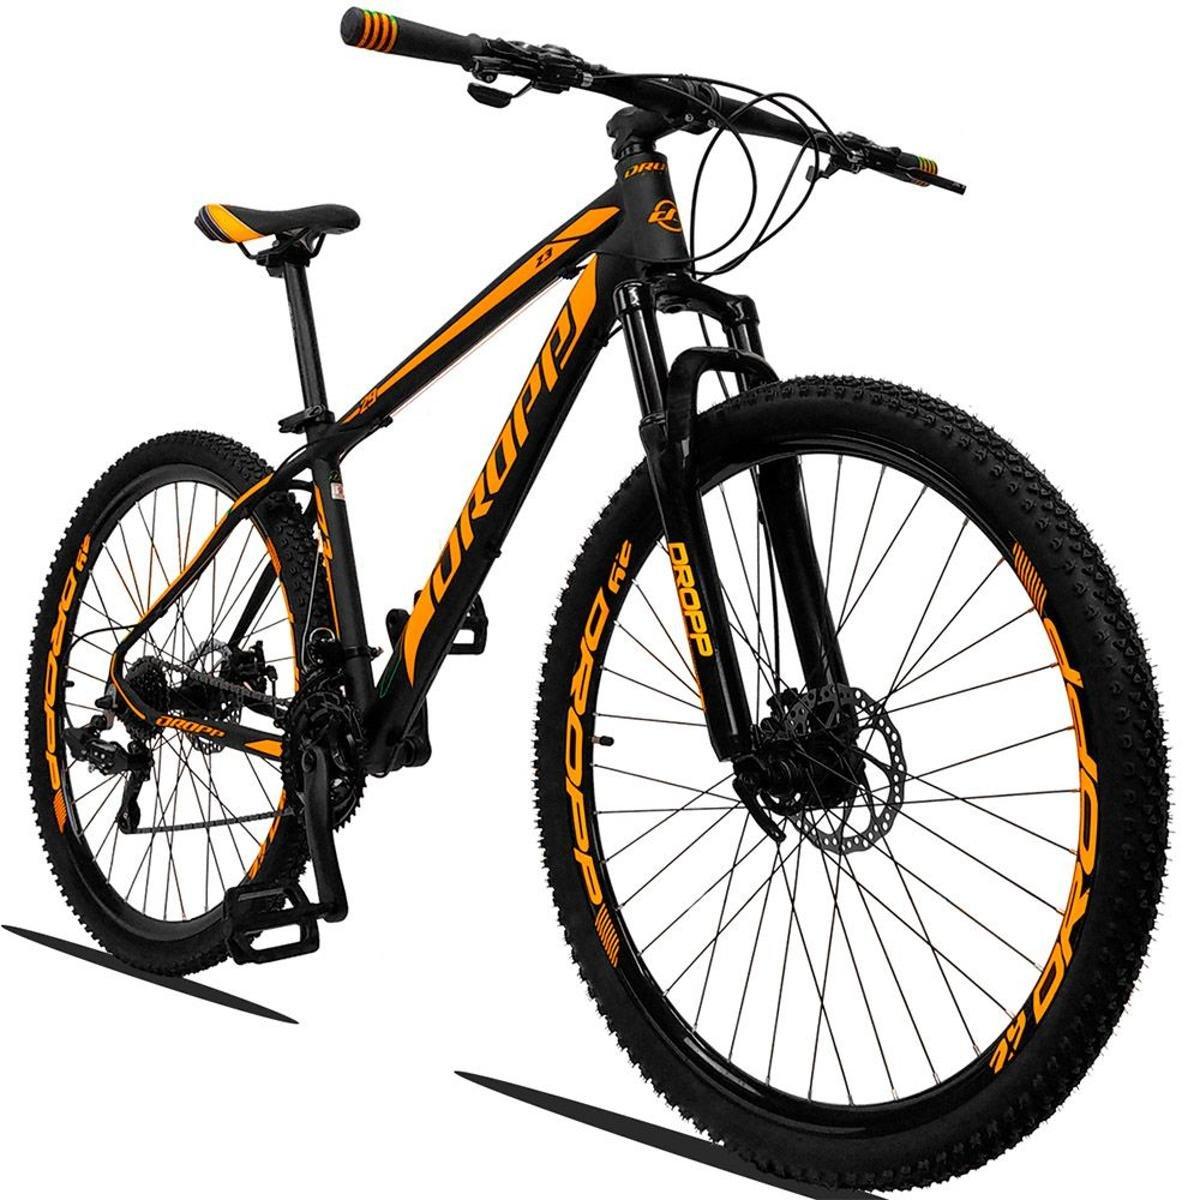 Bicicleta Aro 29 21v Cambios Shimano, PDV Aluminio - Dropp